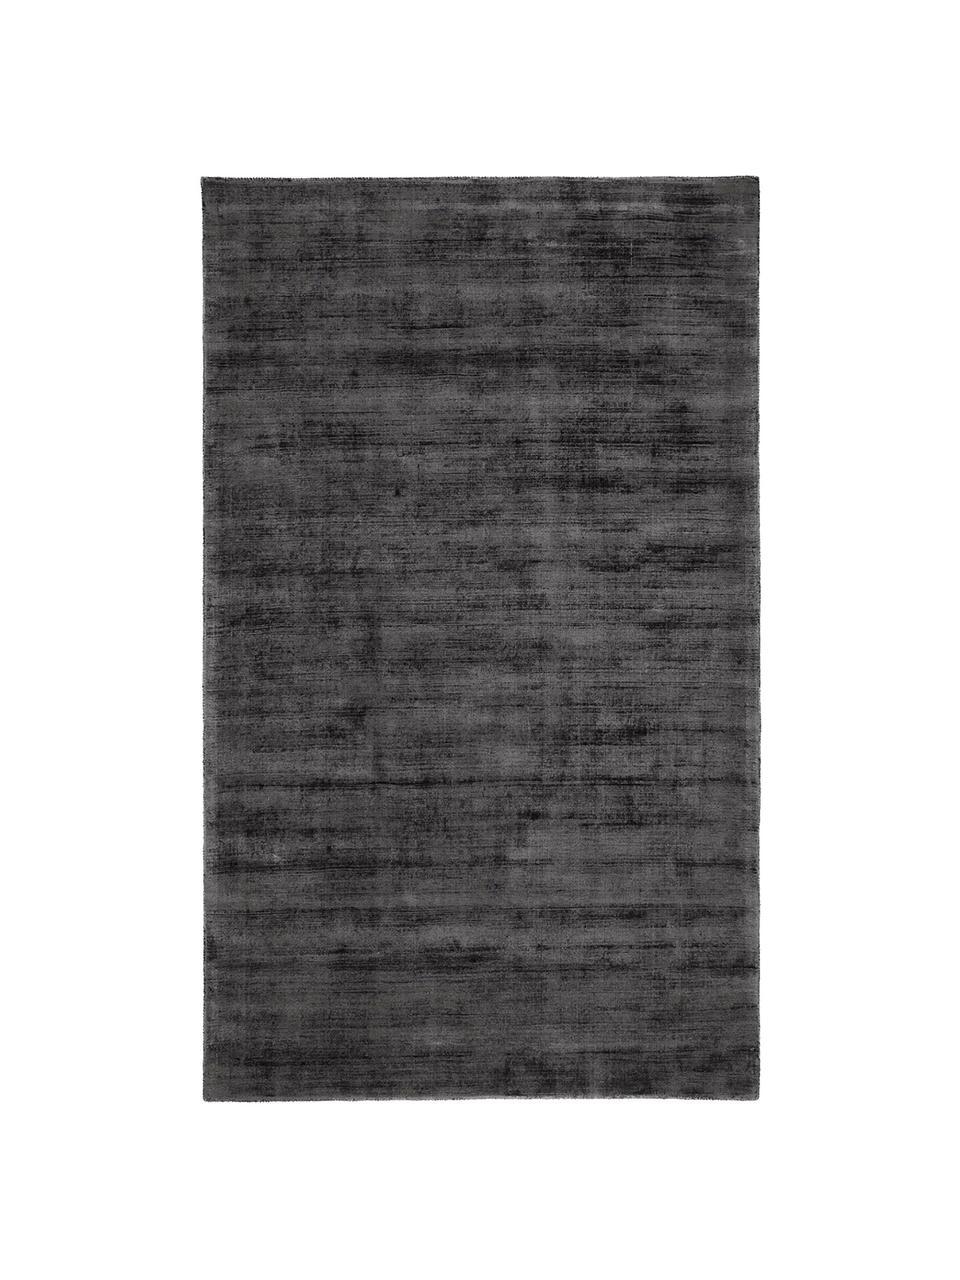 Ručně tkaný viskózový koberec Jane, Antracitová, černá